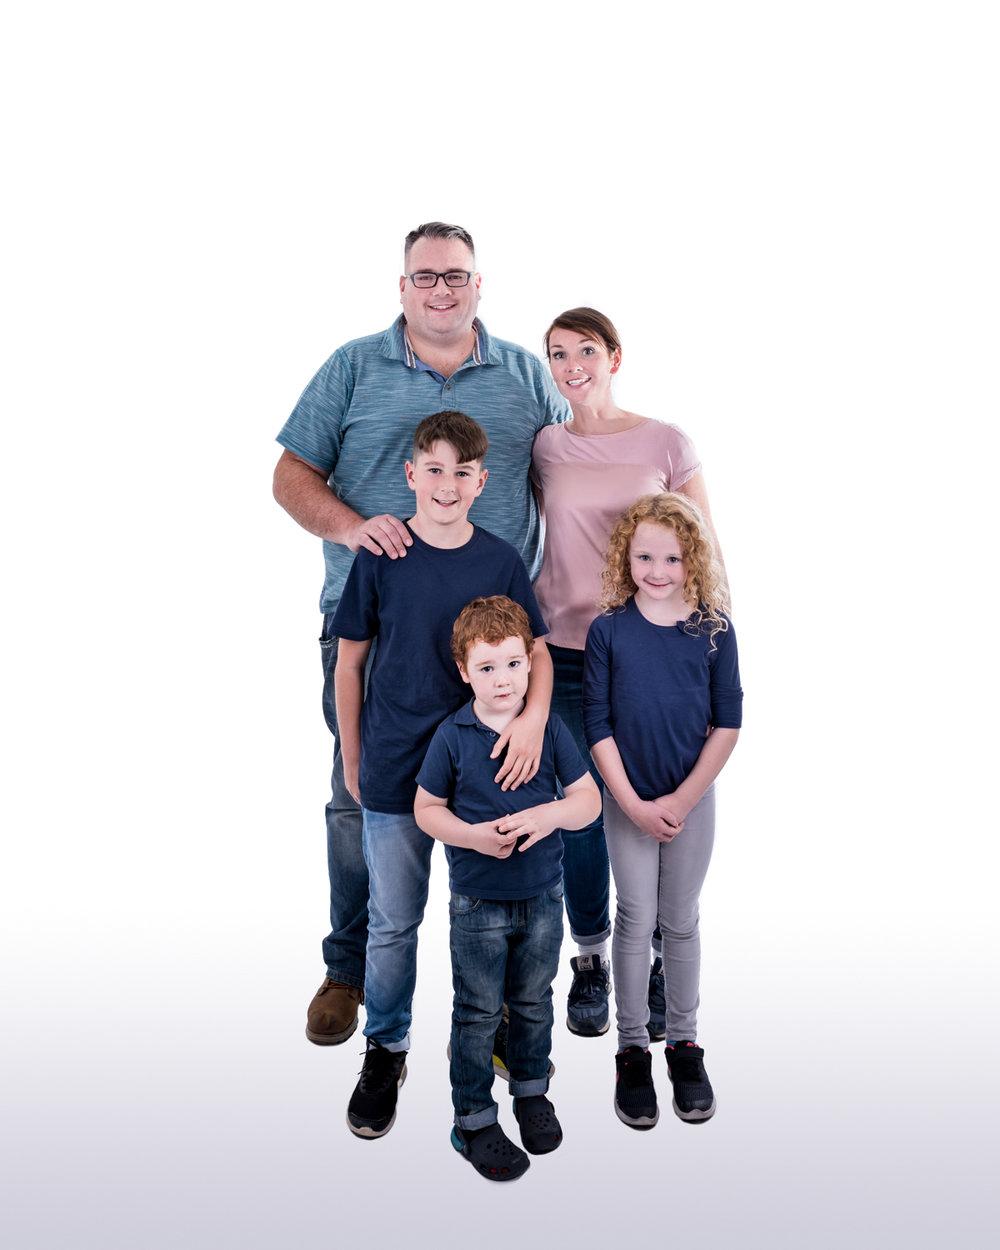 Mcluckie Family-2.jpg